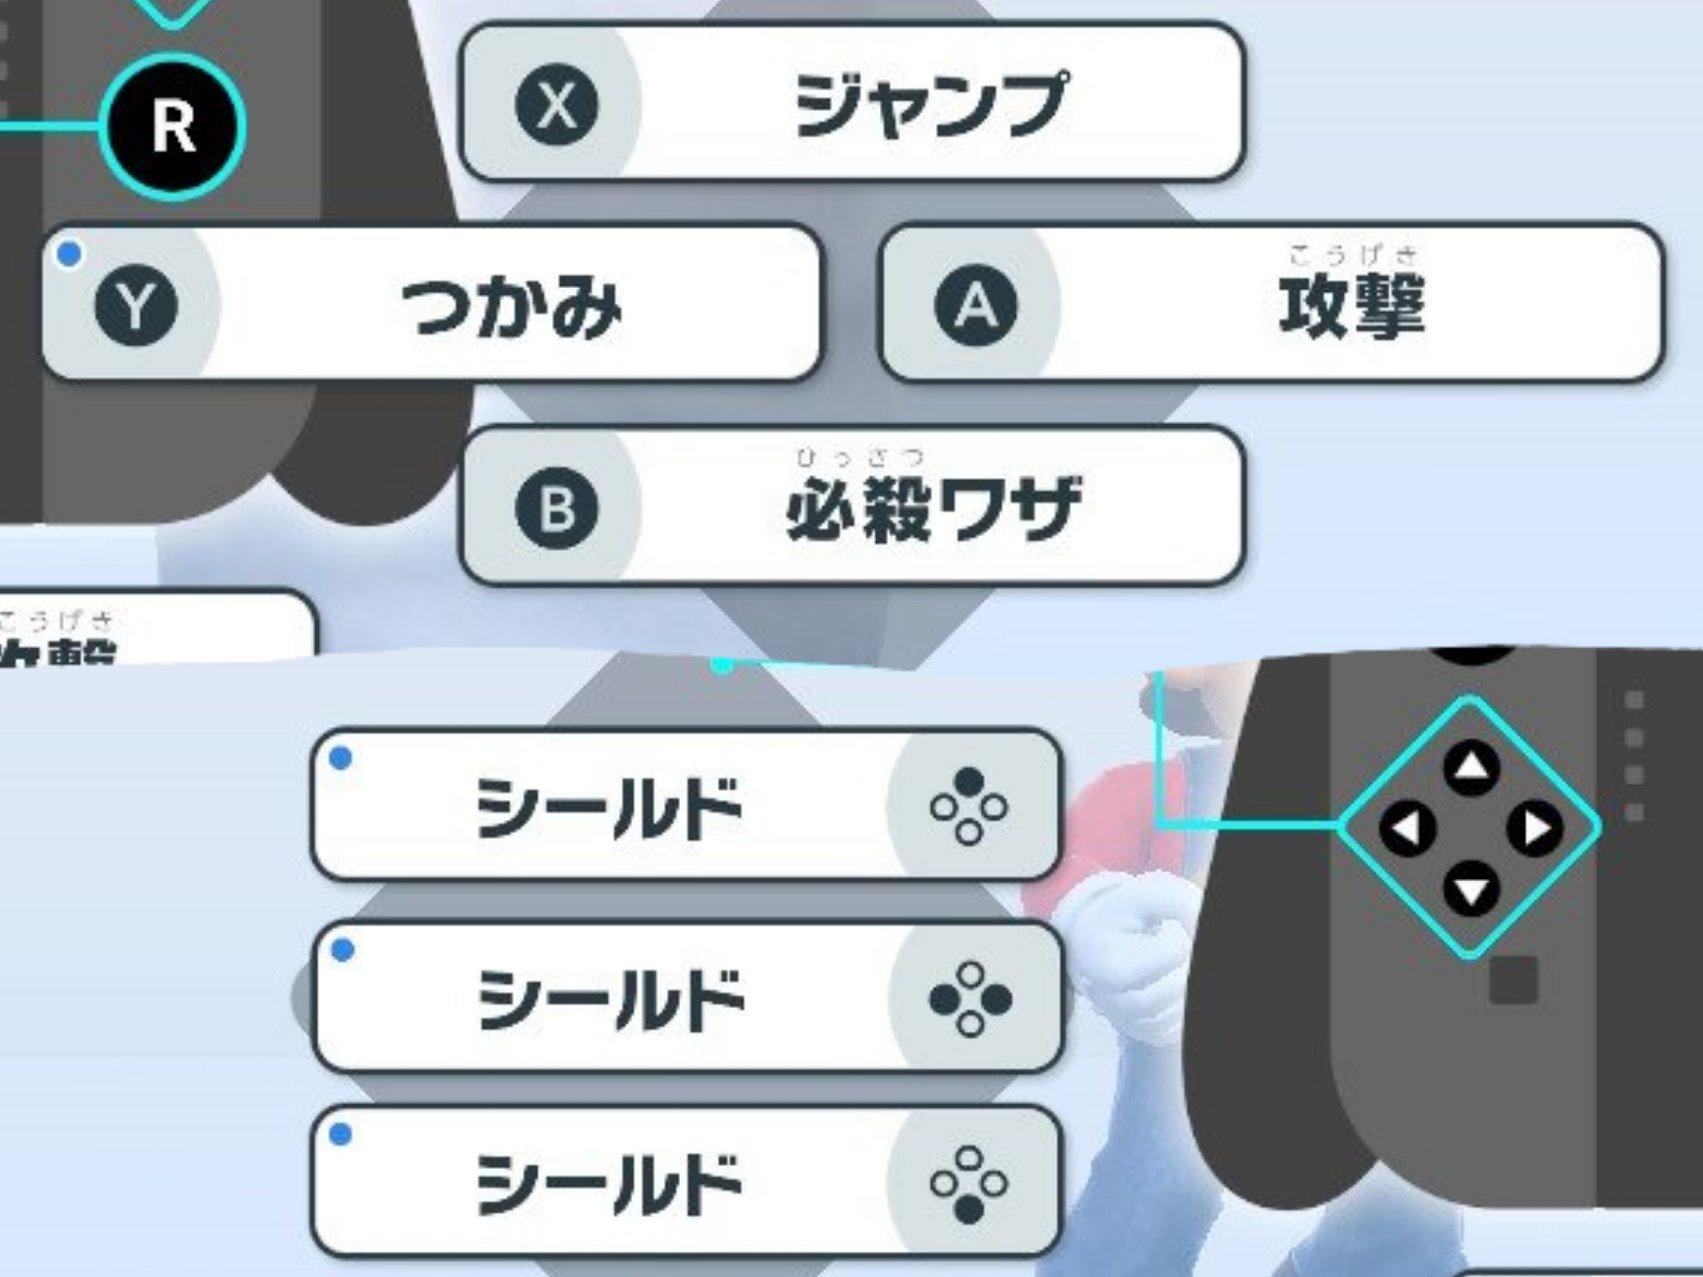 スマブラsp ジョイコンオススメキーコン通常ボタン設定